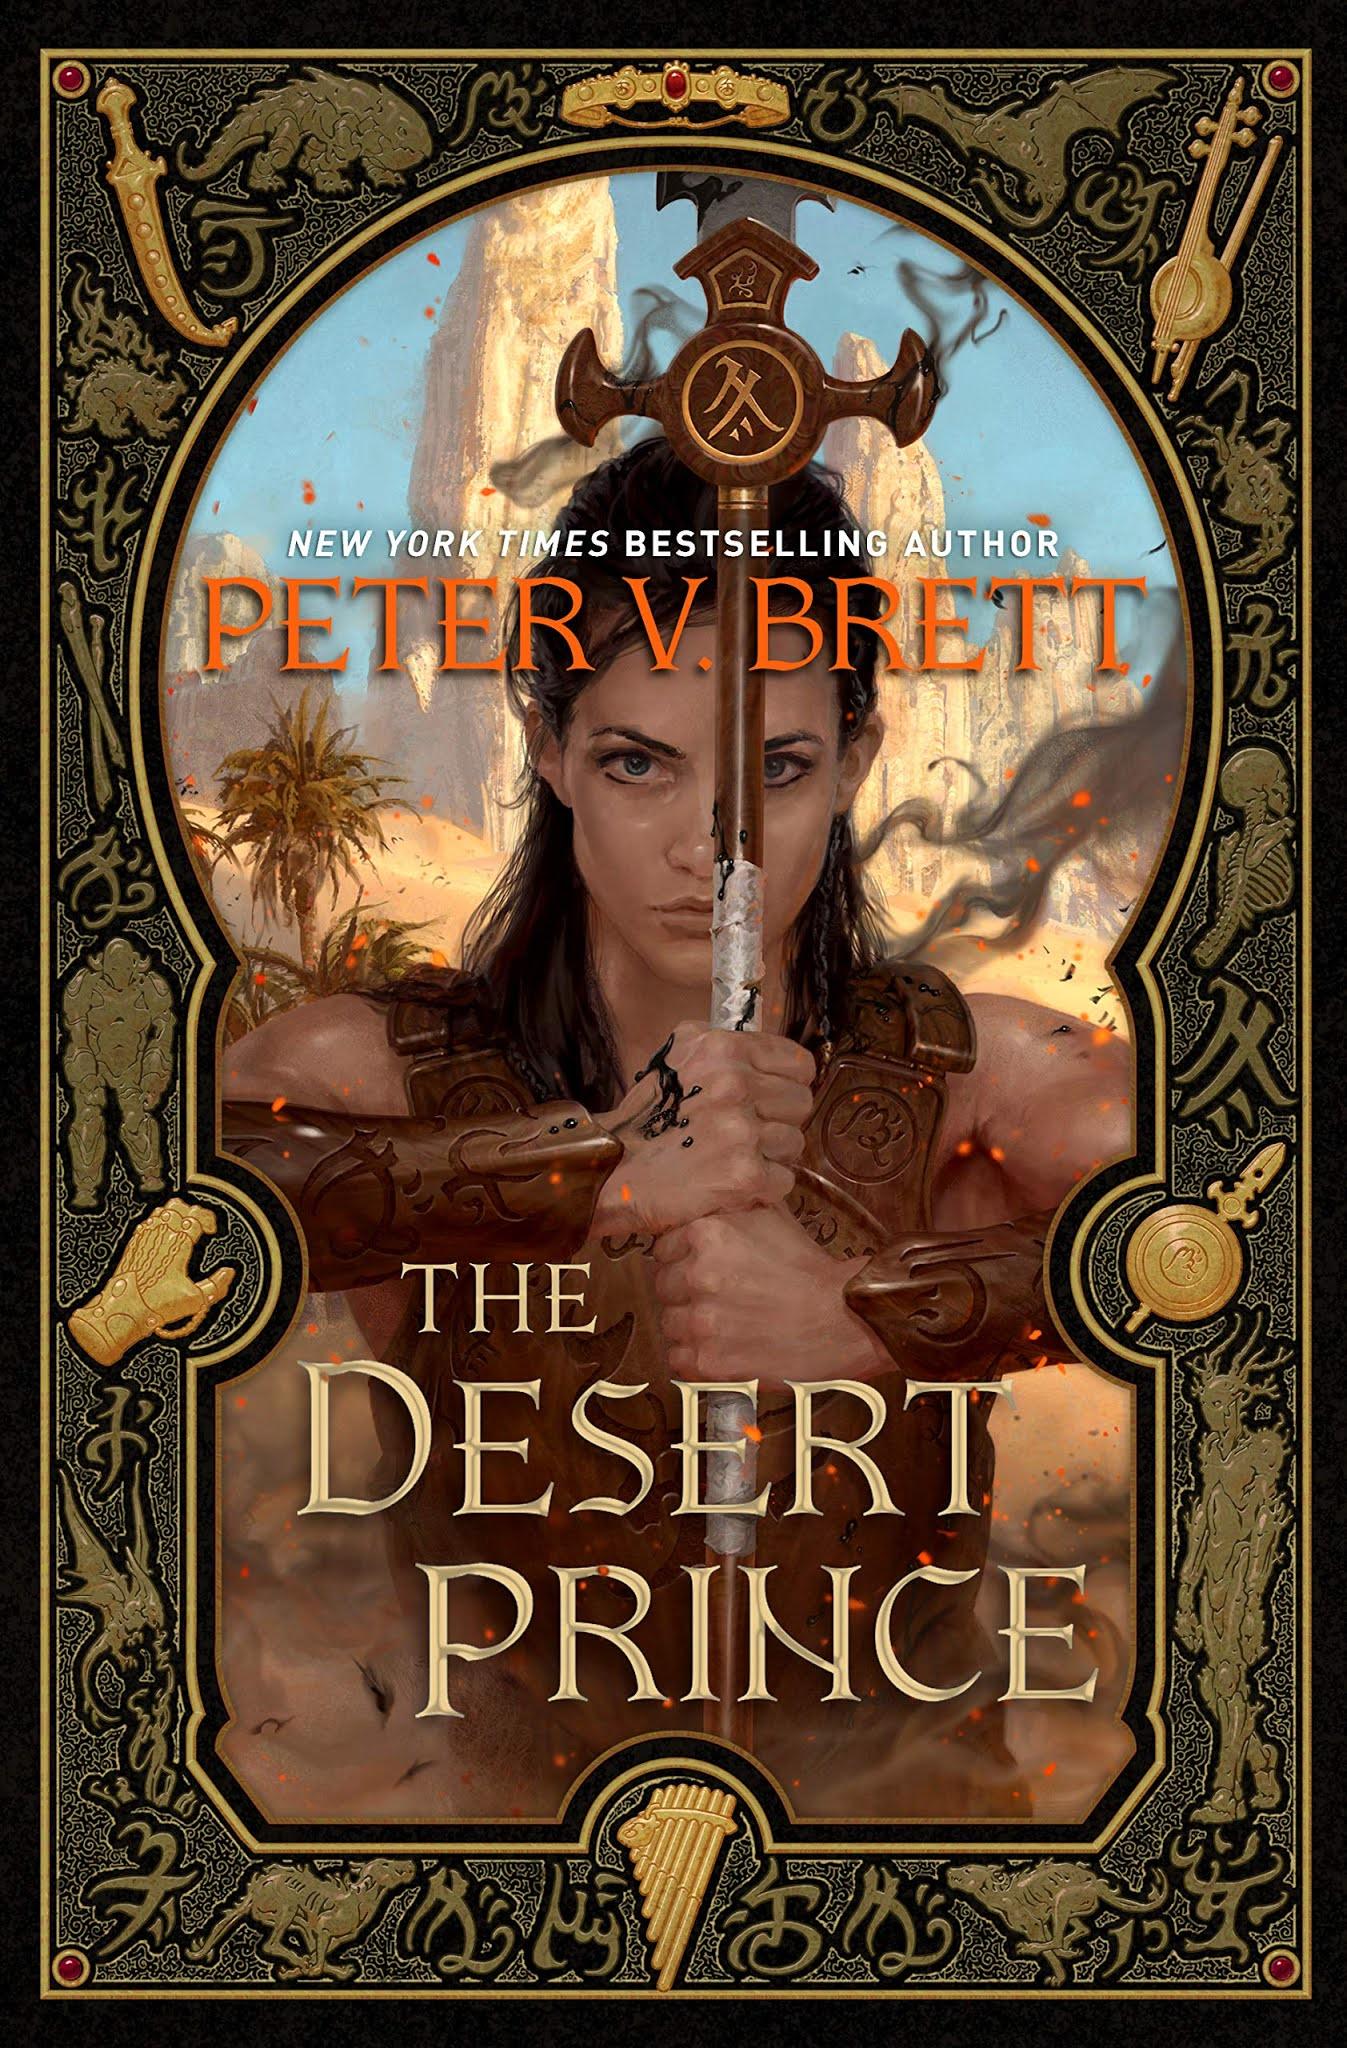 The Desert Prince by Peter V. Brett